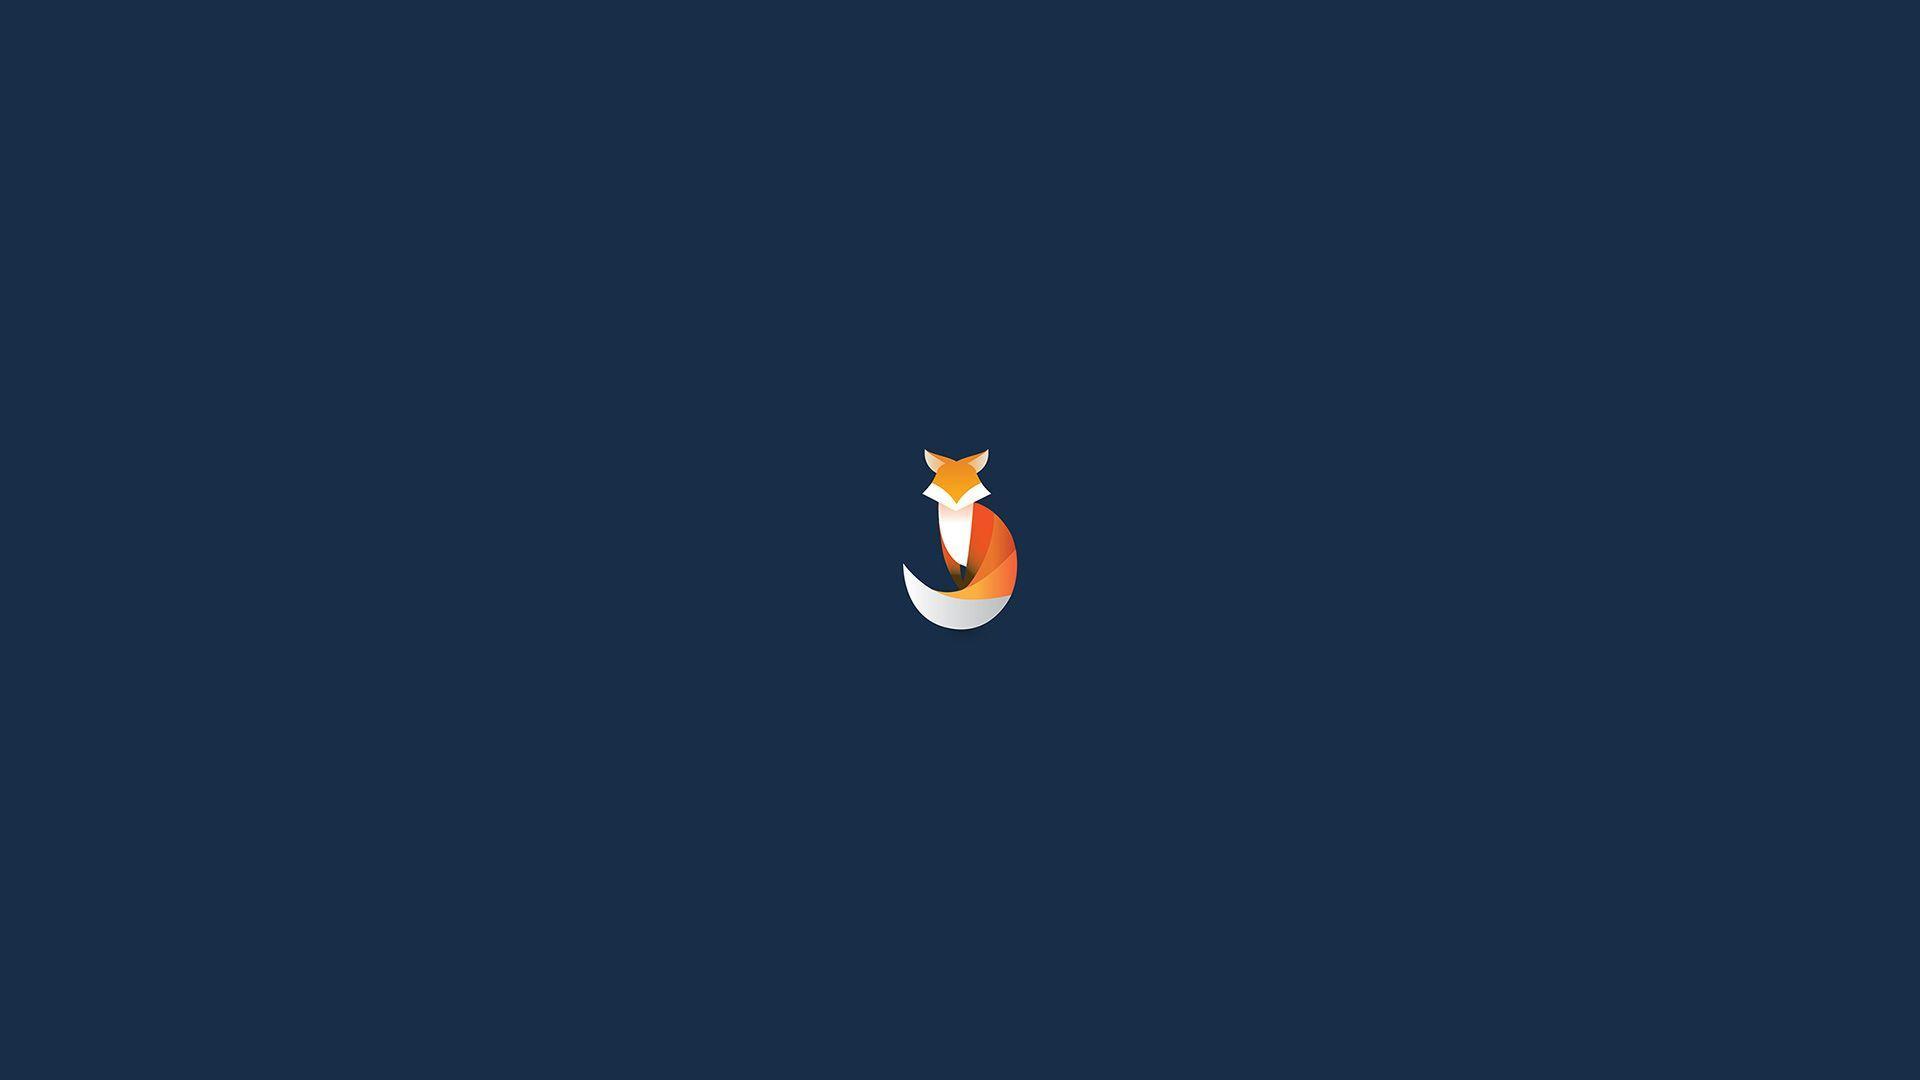 Minimalist Fox Wallpapers Top Free Minimalist Fox